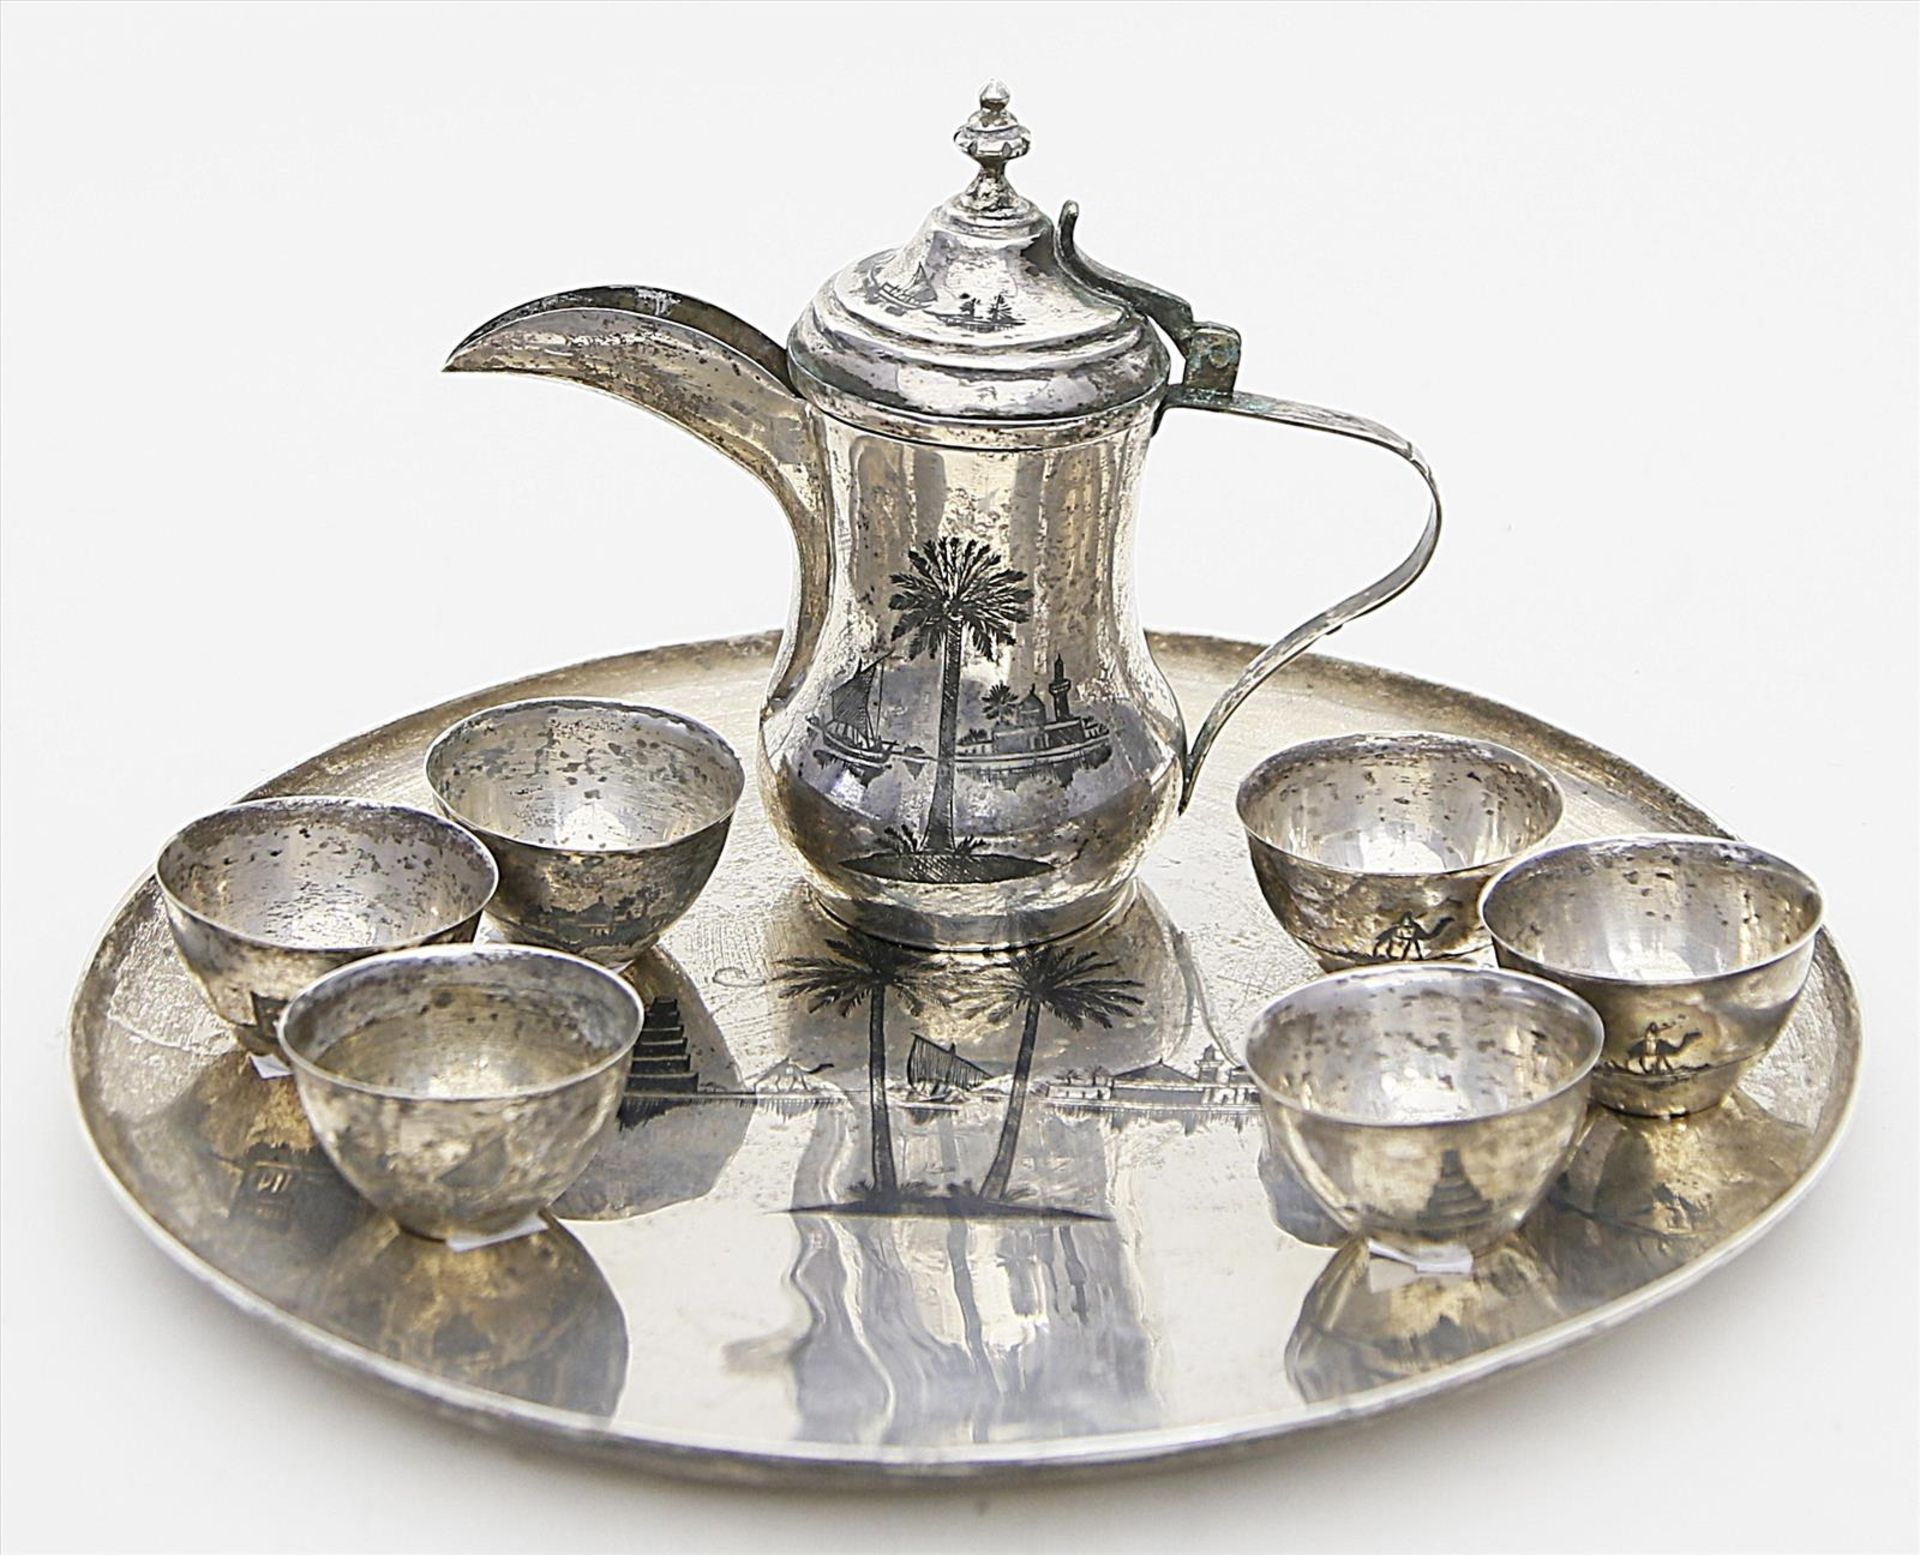 Los 1551 - Mokkaservice für sechs Personen, auf Tablett,neunteilig. Silber, geprüft, 1.008 g. Ziseliertes